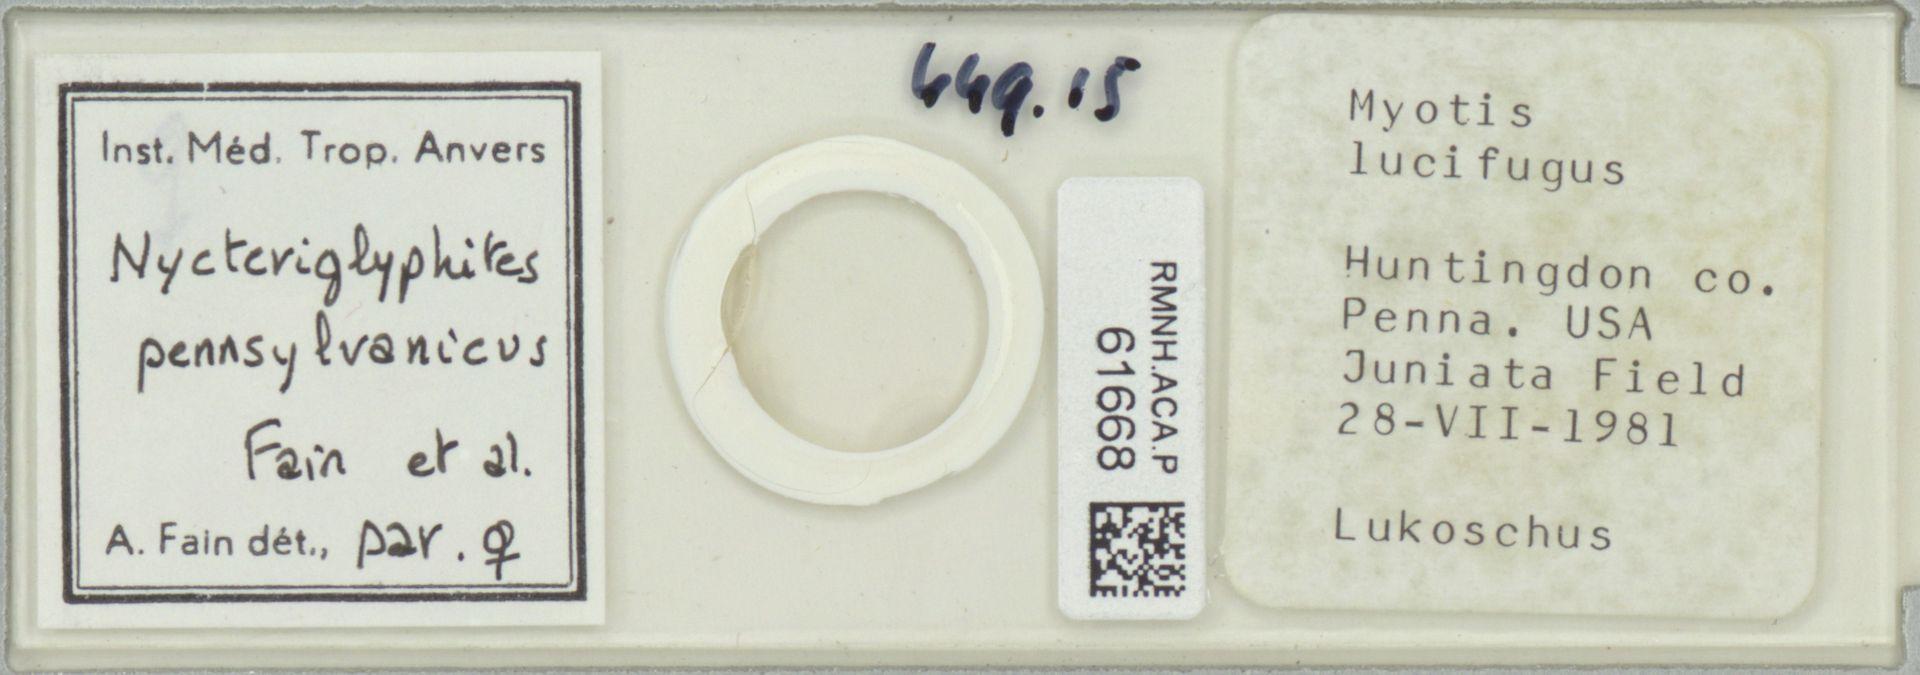 RMNH.ACA.P.61668 | Nycteriglyphites pennsylvanicus Fain et al